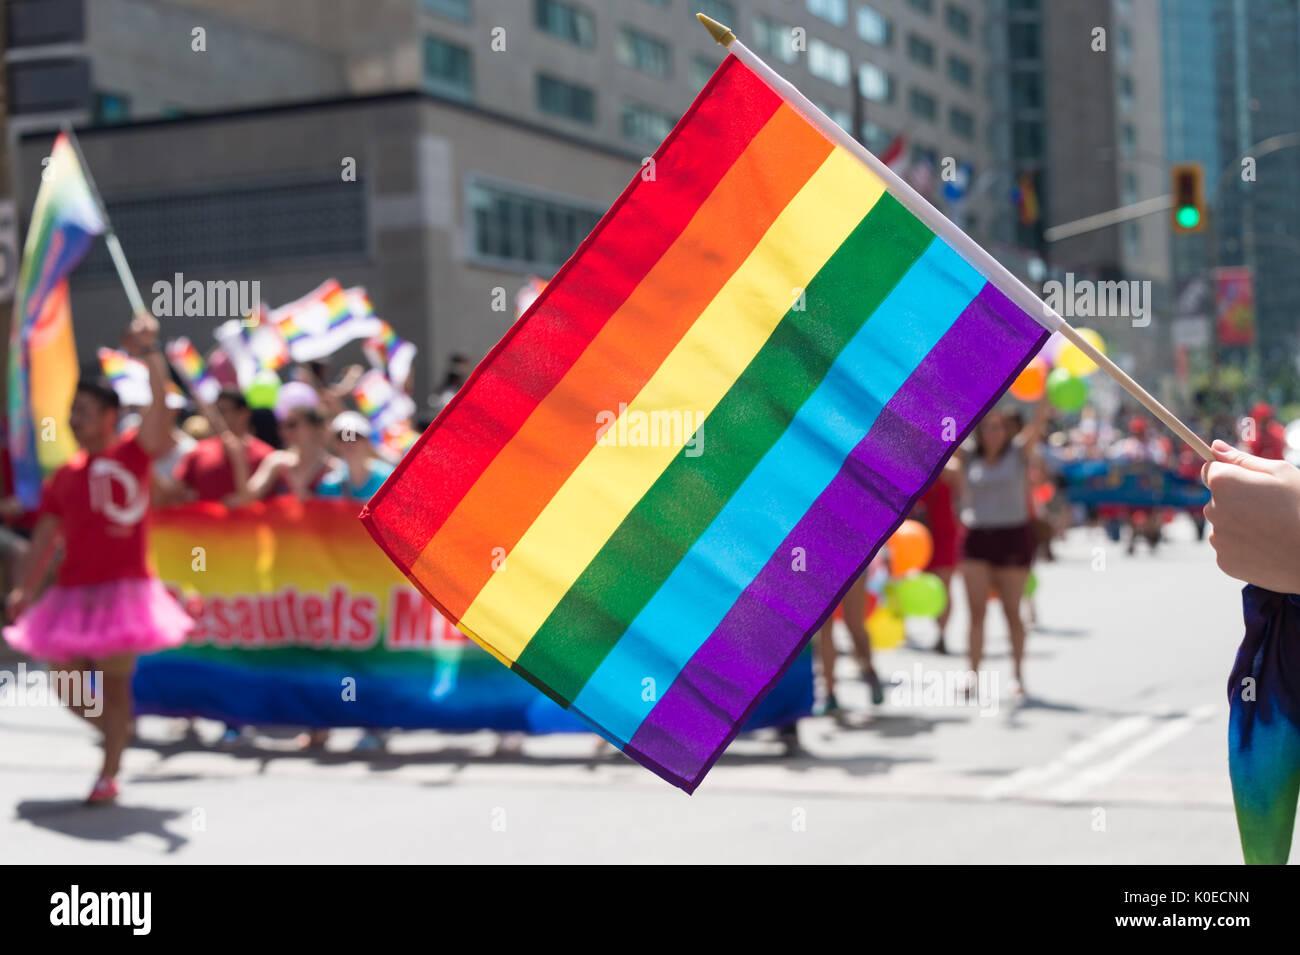 Montreal, Canadá - 20 de agosto de 2017: Gay la bandera del arco iris en Montreal desfile del orgullo gay con participantes borrosa en el fondo Imagen De Stock